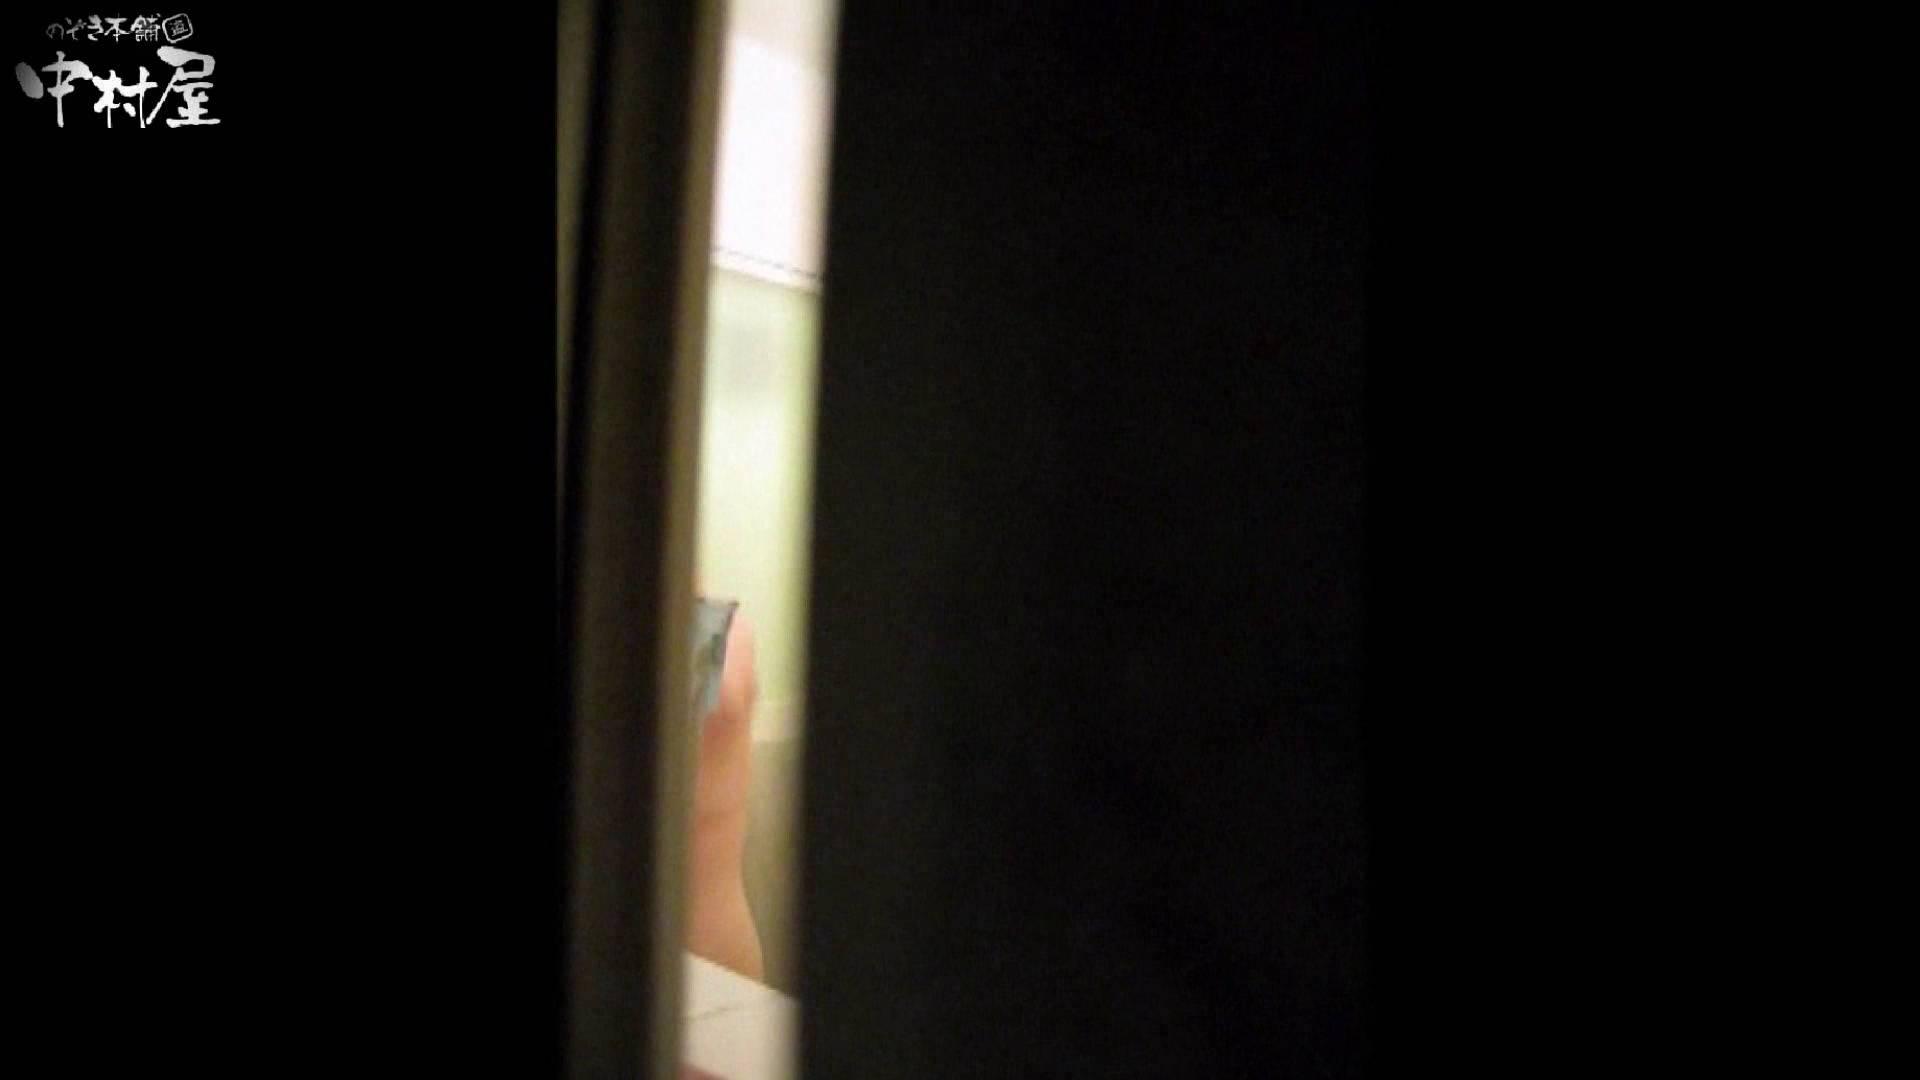 民家風呂専門盗撮師の超危険映像 vol.015 OLのエロ生活 ワレメ無修正動画無料 107連発 98